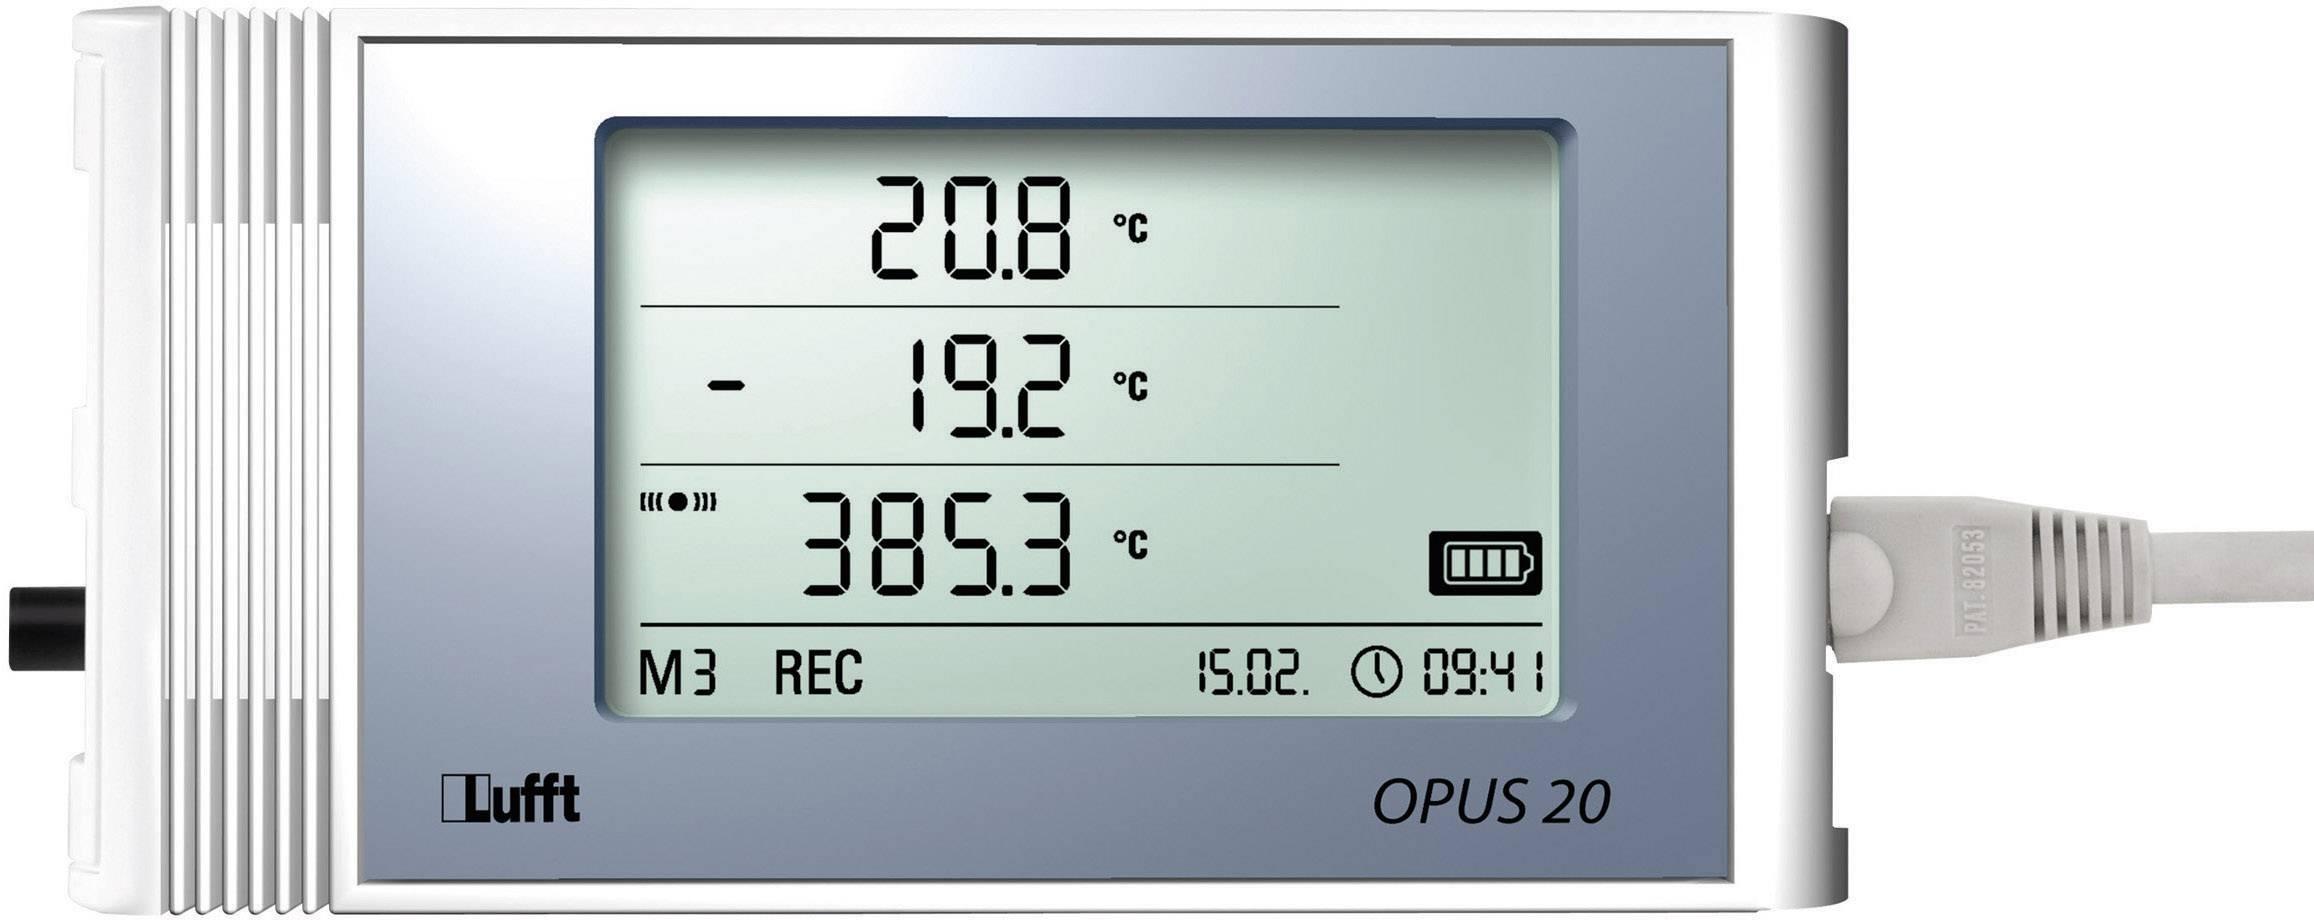 Teplotný/vlhkostný datalogger Lufft, -20 až 50 °C